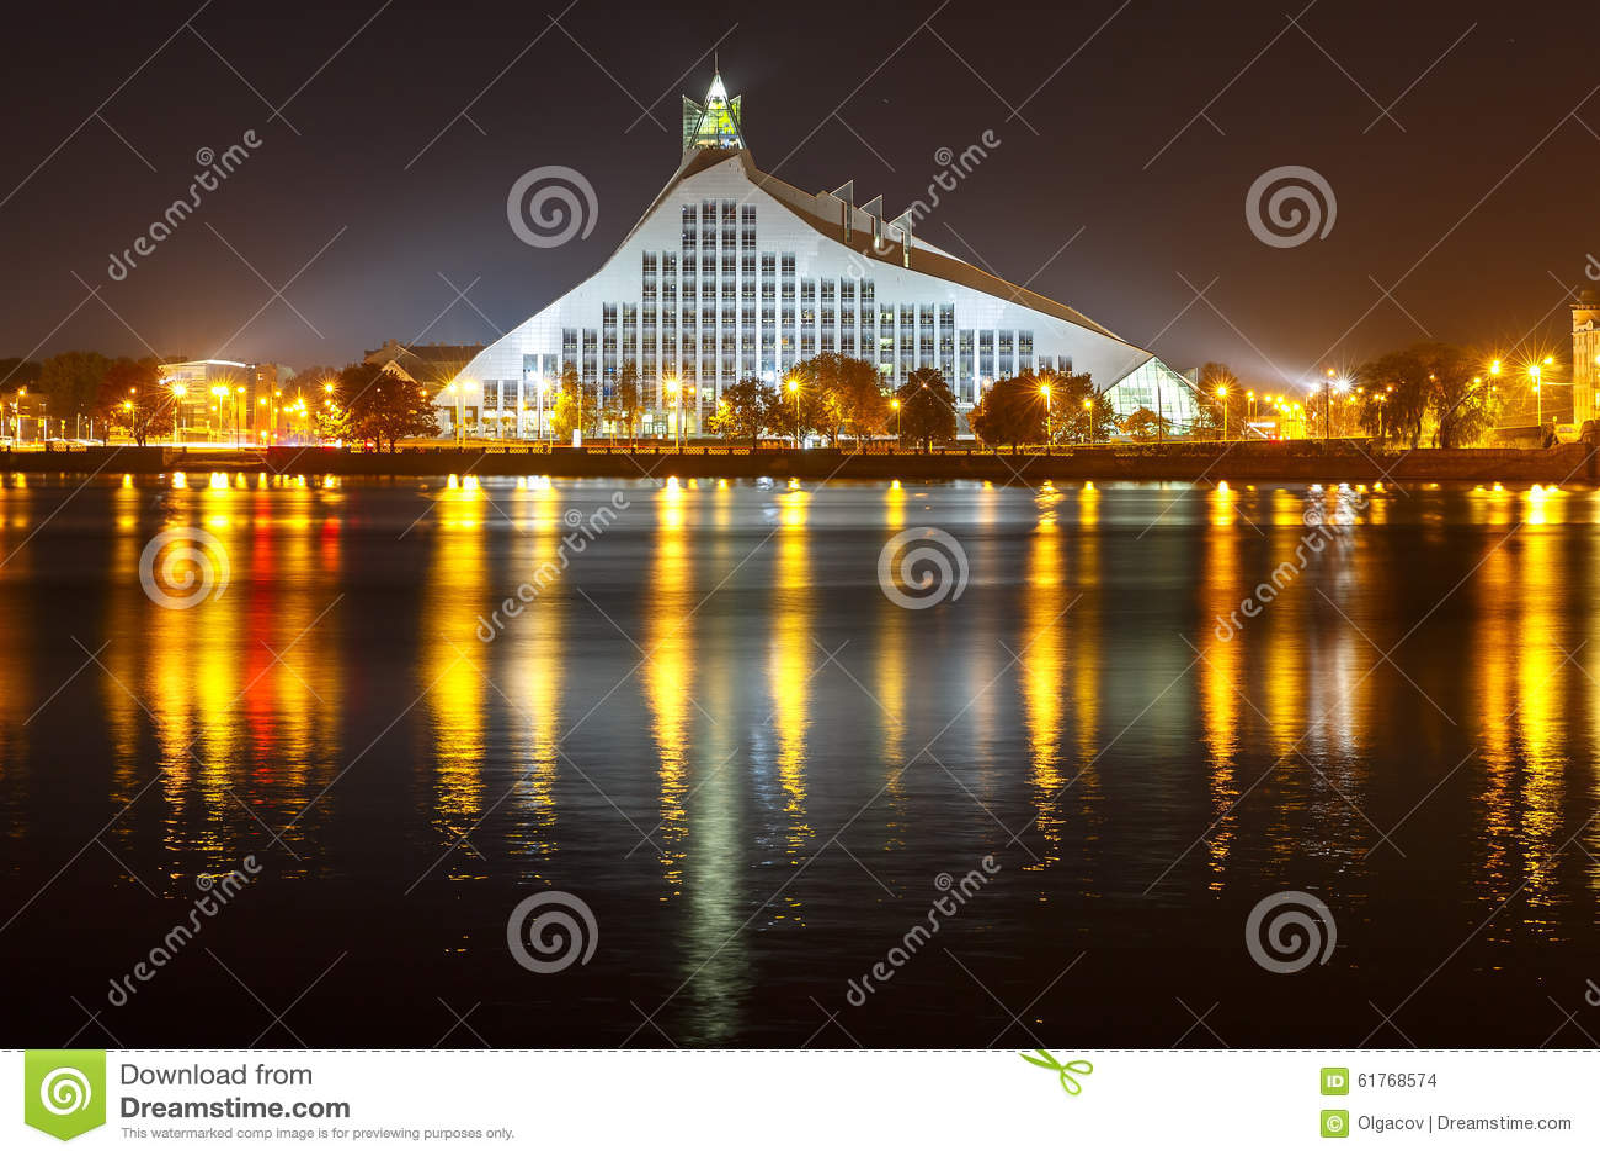 Bibliothèque nationale letton la nuit, Riga, Lettonie